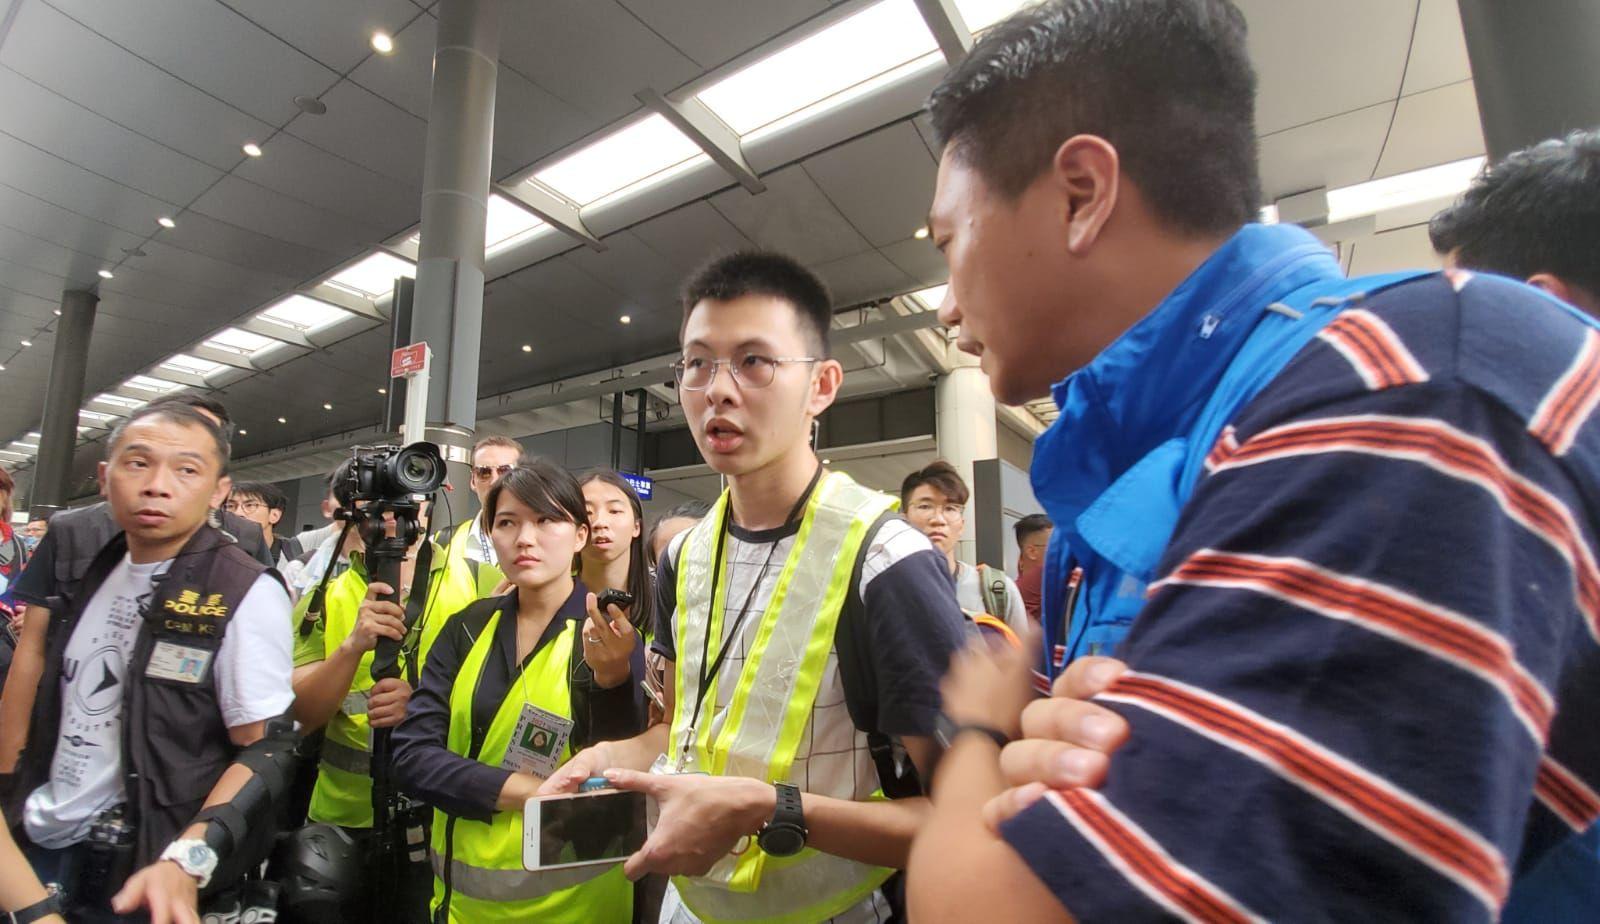 警方向在場一名身穿反光衣的男子查證其記者身份。